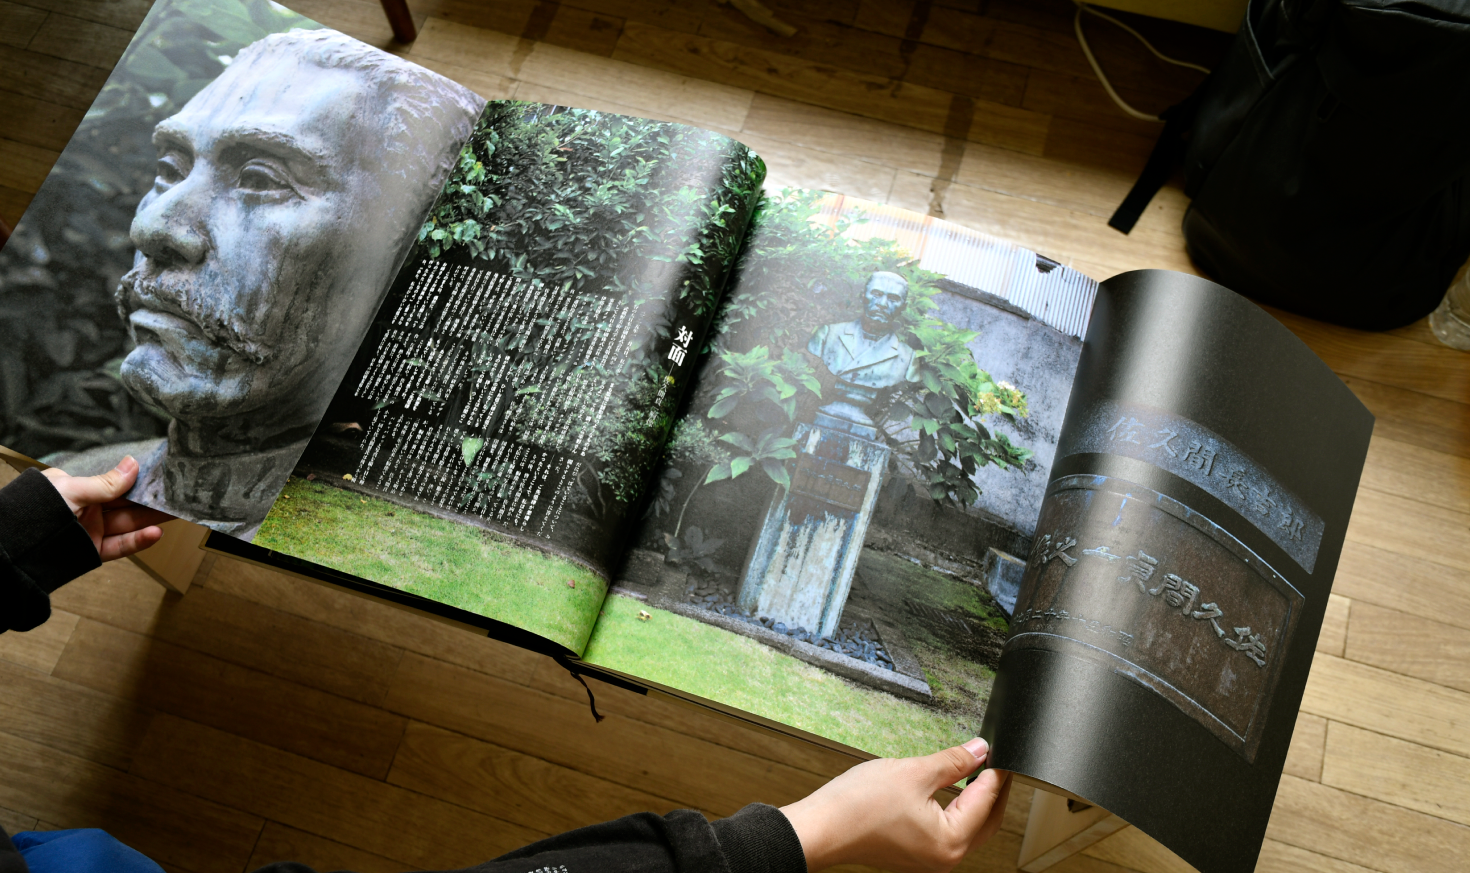 若手クリエイターを訪ねて | vol.1 北岡 誠吾  デザインの身体性が立ち上がる瞬間